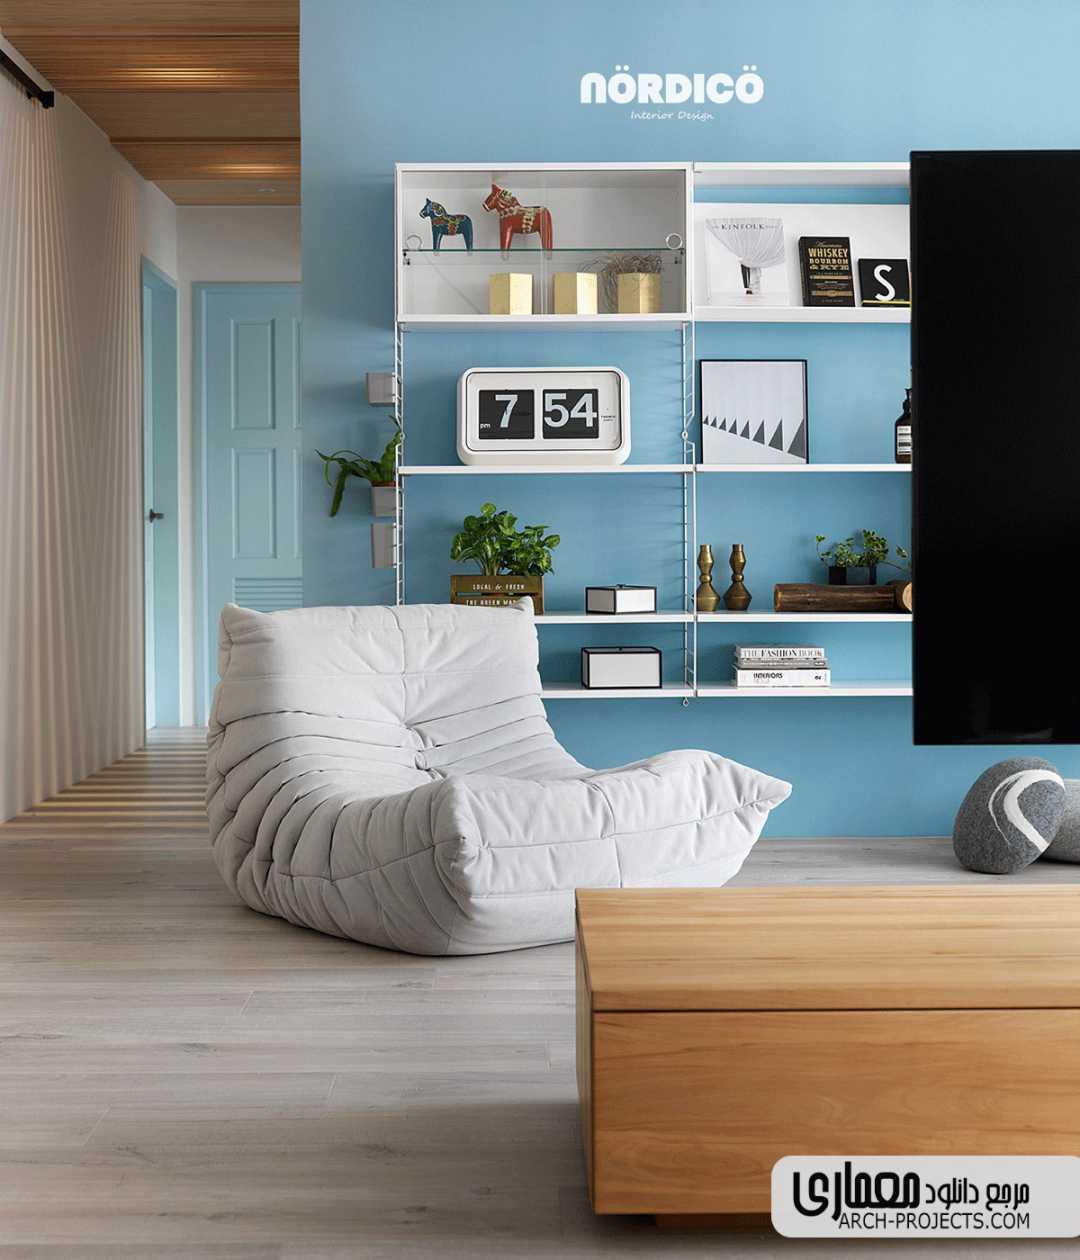 ایده طراحی خانه مدرن و رنگارگ